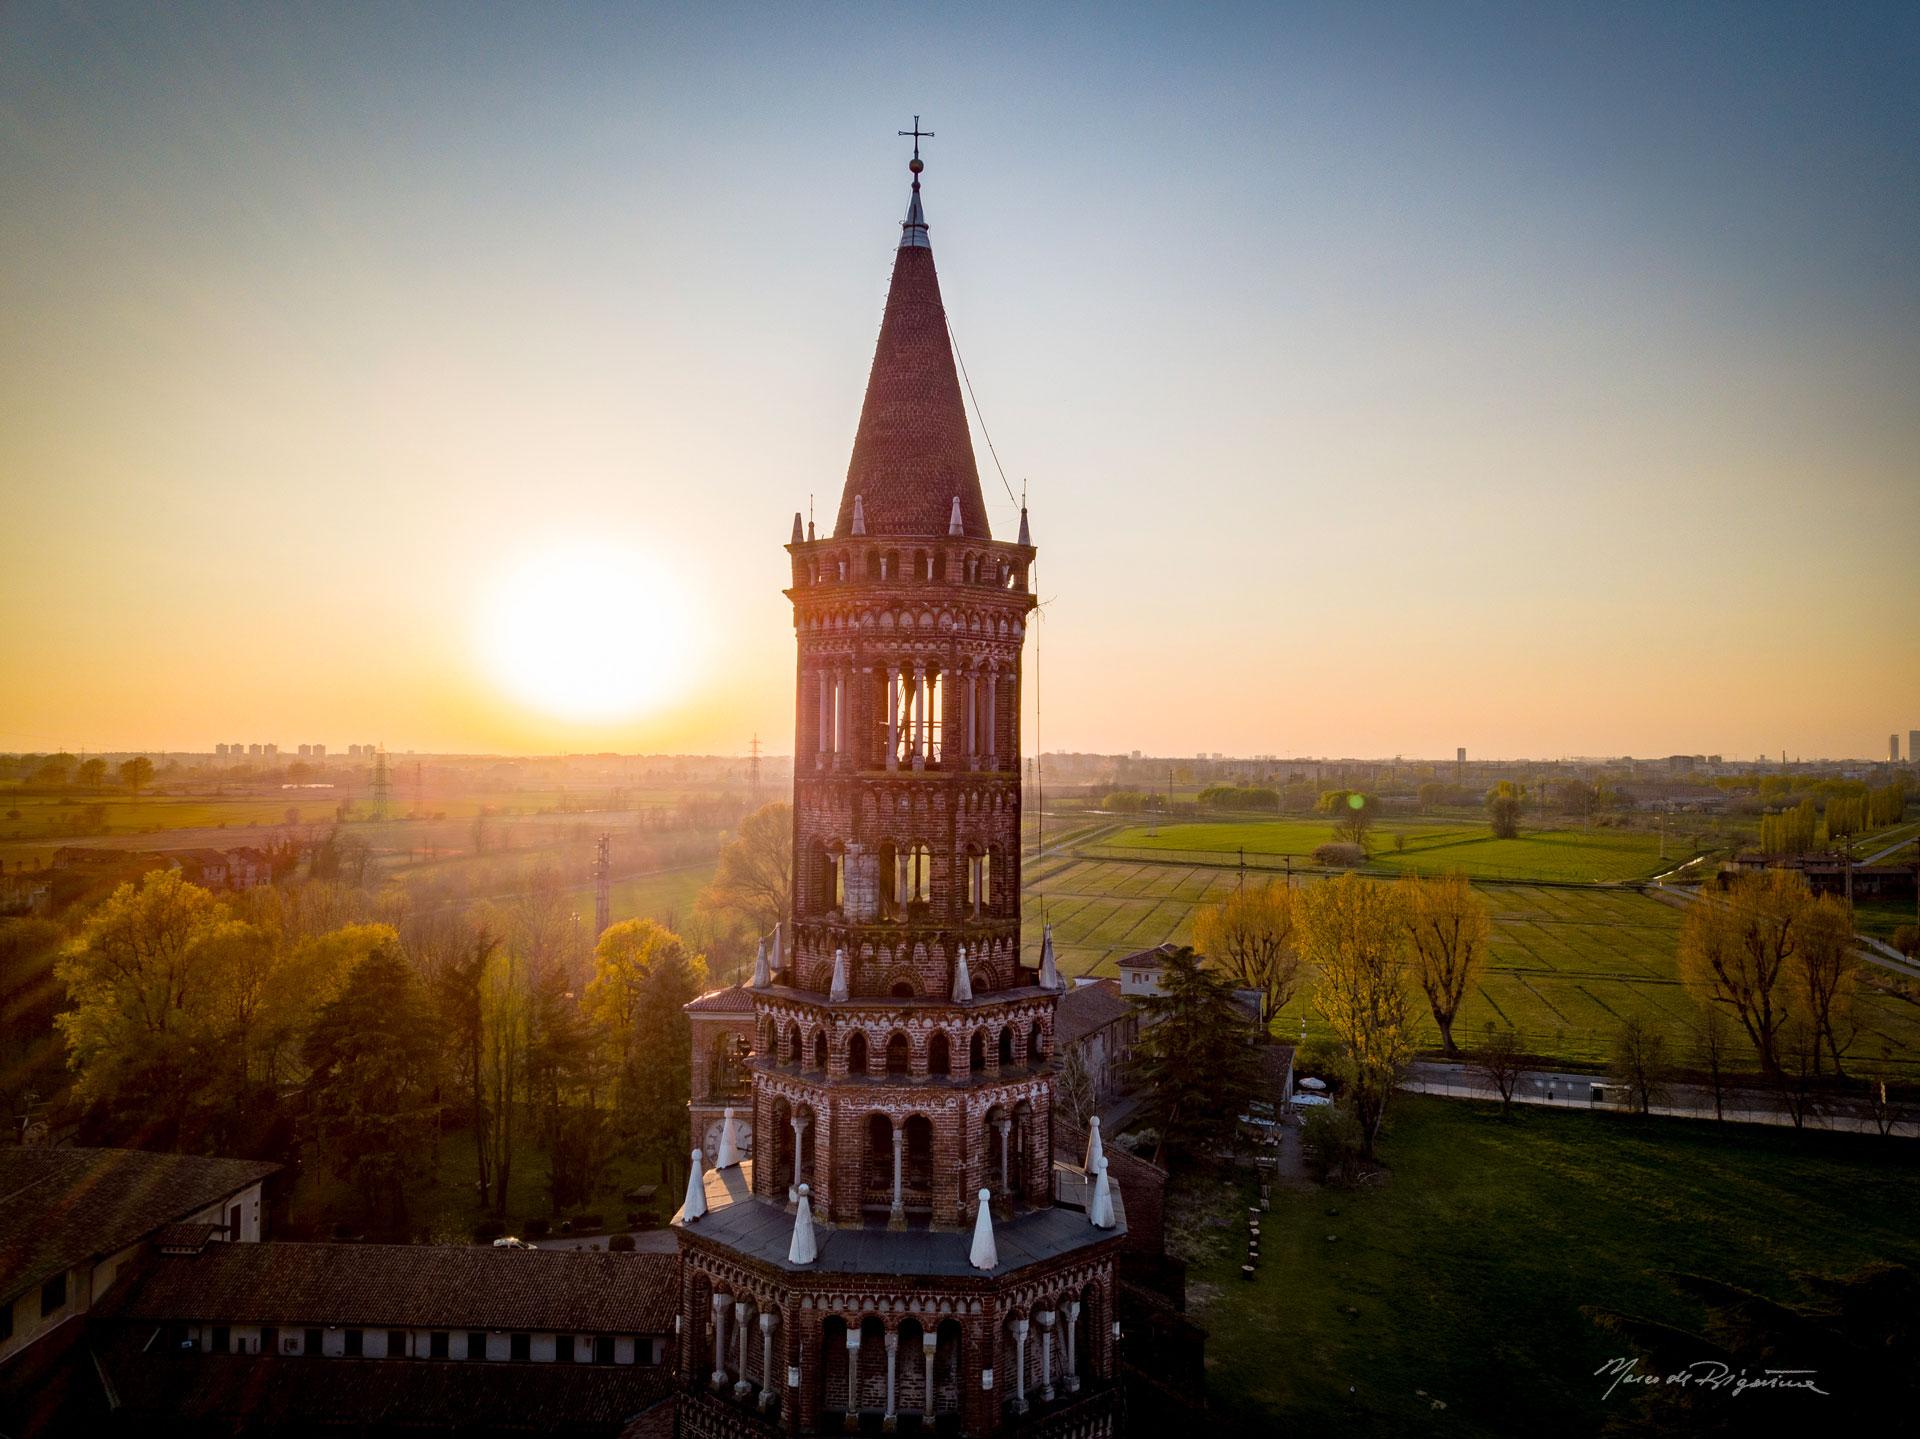 esperienza drone immagine portfolio turismo promozione territorio italia antiche residenze castelli alberghi hotel due.jpg